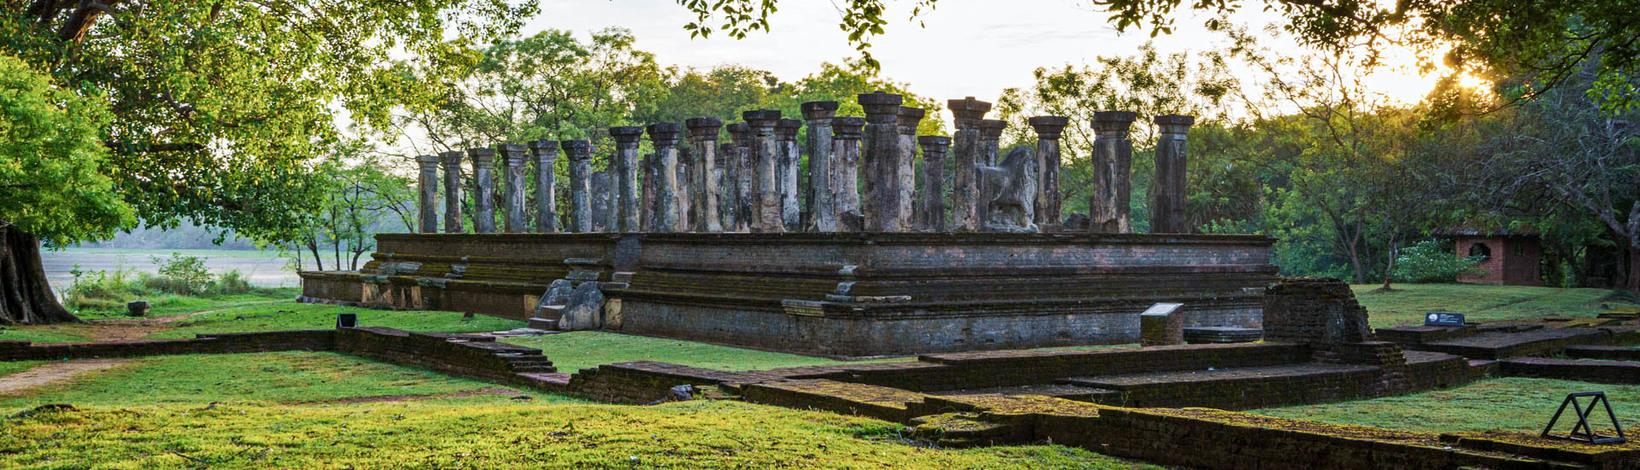 Nissanka Malla's Palace, Polonnaruwa